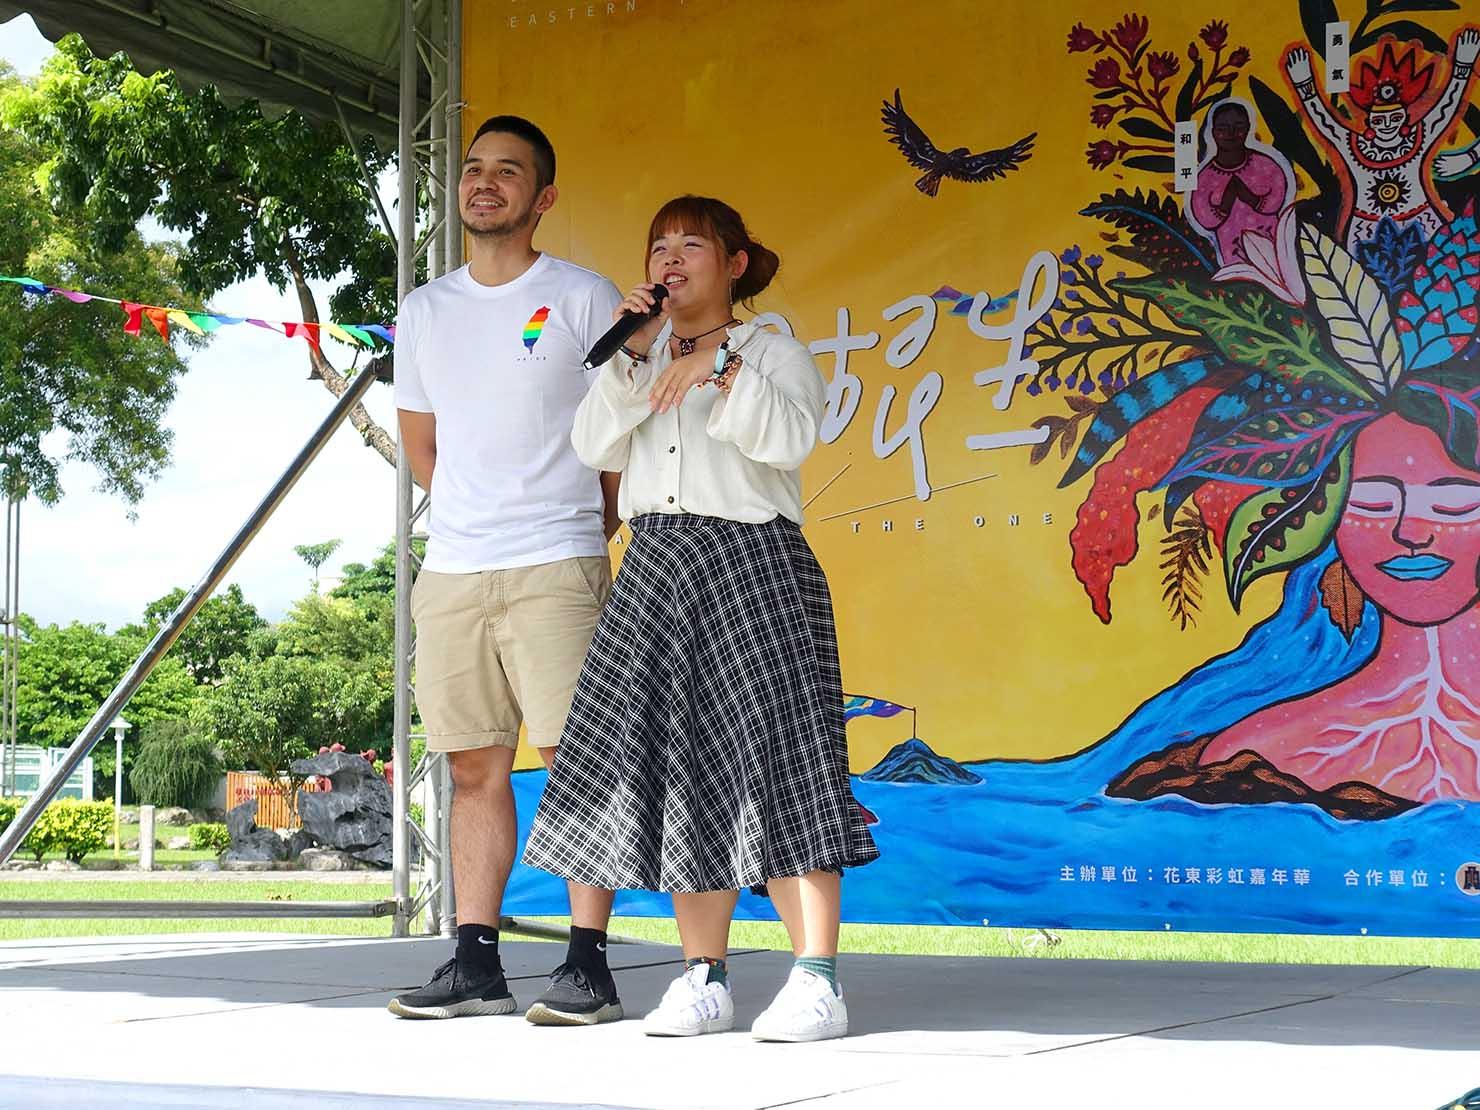 花東彩虹嘉年華(台湾東部LGBTプライド)の会場ステージに立つ時代力量の議員